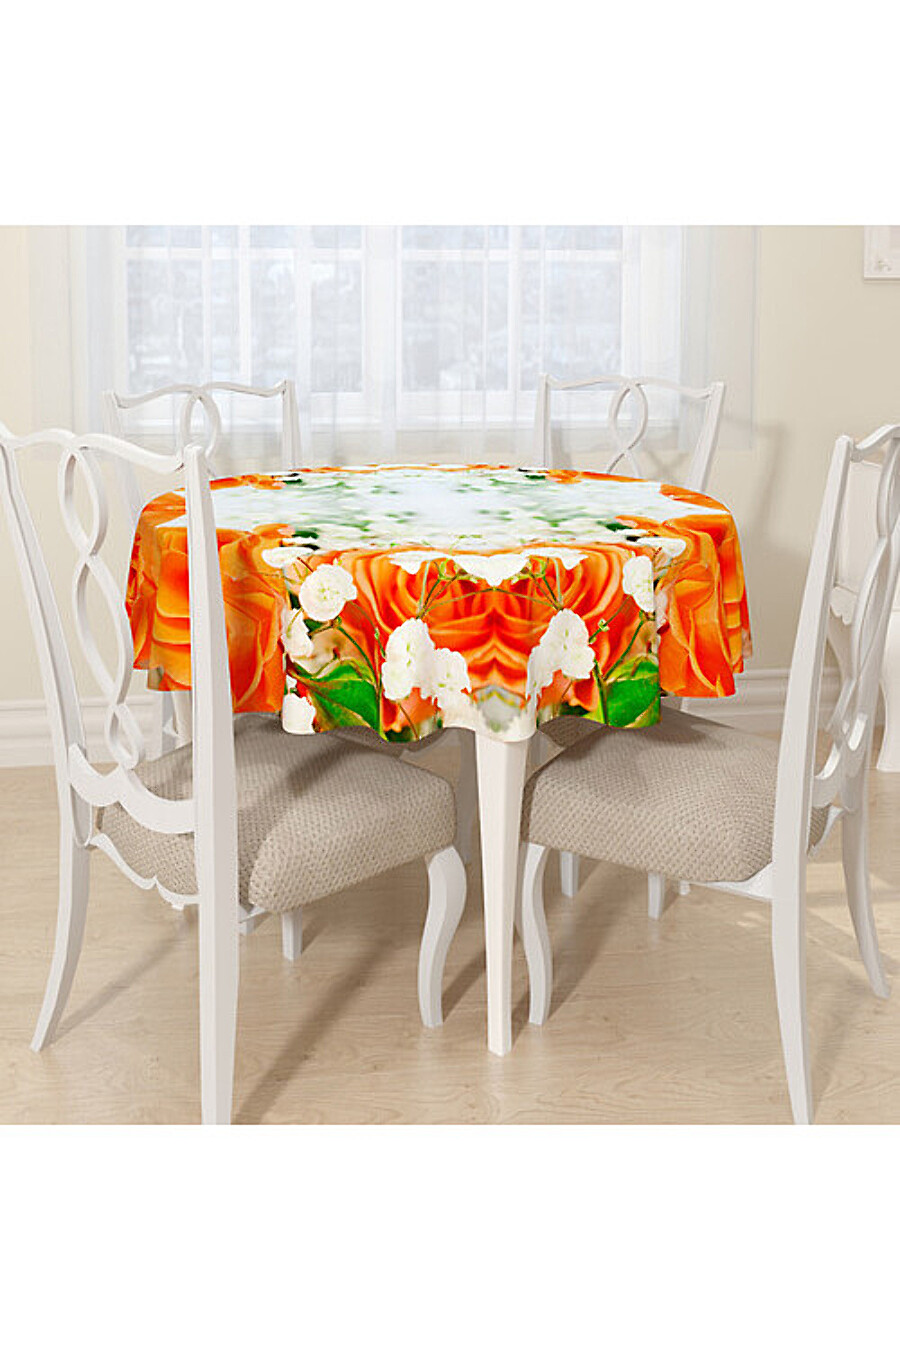 Скатерть для дома ART HOME TEXTILE 180152 купить оптом от производителя. Совместная покупка товаров для дома в OptMoyo